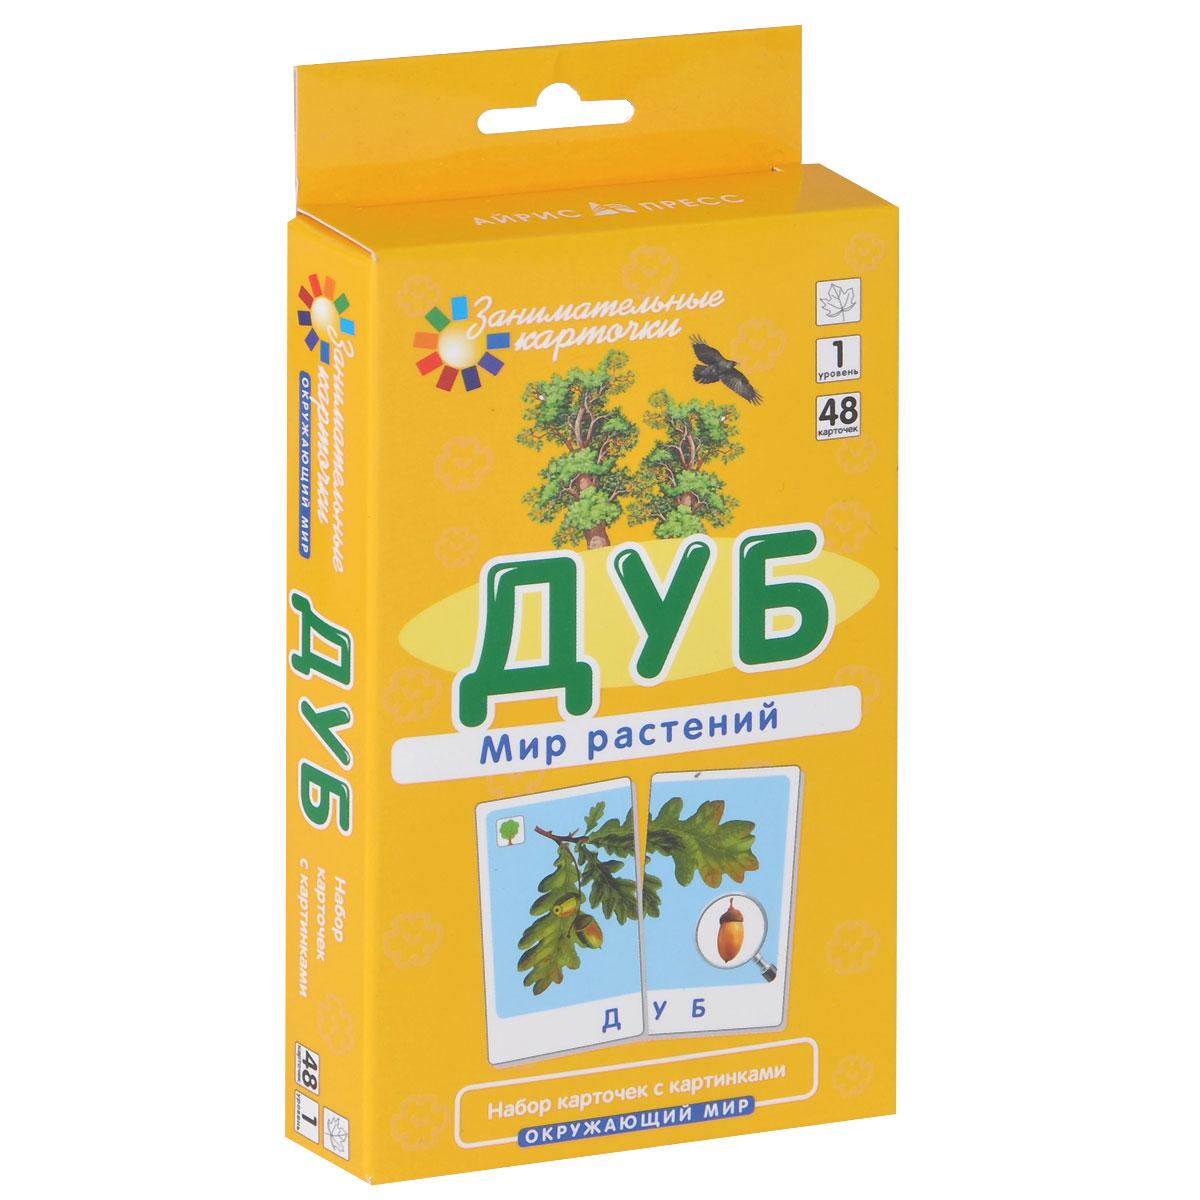 Айрис-пресс Обучающая игра Окружающий мир Мир растений Дуб978-5-8112-5083-7Набор состоит из 48 карточек, которые могут использоваться с двух сторон. Определяем растение по рисунку (цветная сторона карточек). Предложите ребёнку из шести карточек выбрать две, составить из них целую картинку и определить, какое растение изображено. Если ребёнок умеет читать, пусть сам прочитает название растения. Обратите его внимание на пиктограммы на левой половине карточки, попросите ребёнка охарактеризовать растения с опорой на пиктограммы. Узнаём растения по характерным частям (чёрно-белая сторона карточек). Выберите любую карточку с названием растения и 3-4 карточки с картинками. Попросите ребёнка подобрать к названию нужную картинку. Постепенно усложняйте задания, увеличивая количество карточек в игре. Для закрепления учебного материала предлагаются четыре тестовые карточки.